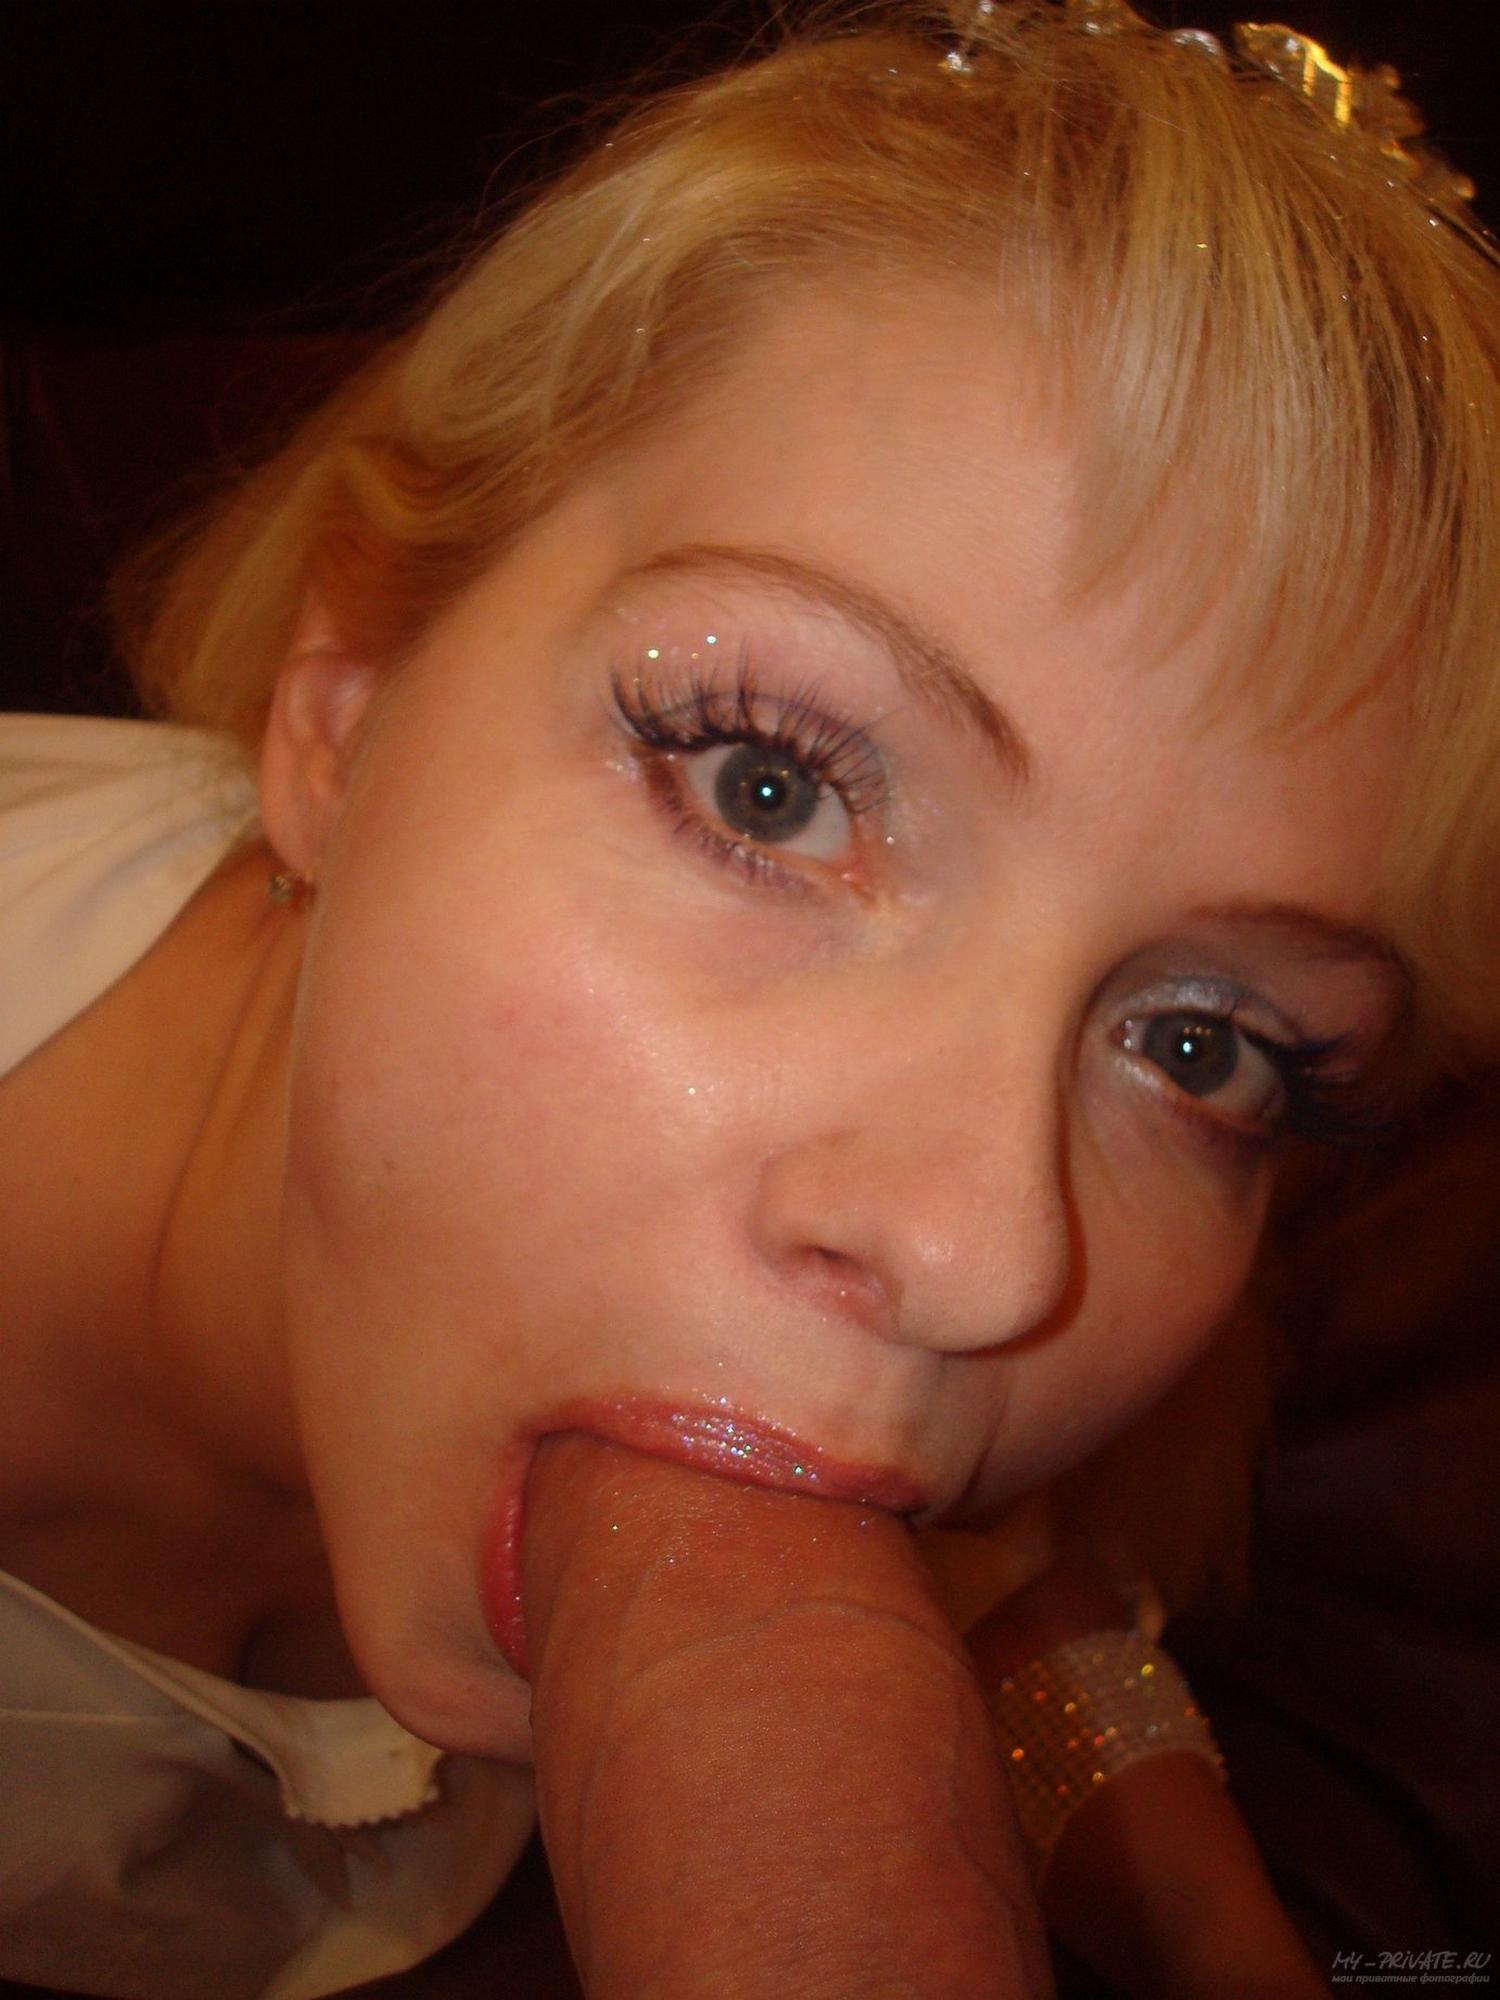 Блондинка в белых гольфах в гостях показывает вагину